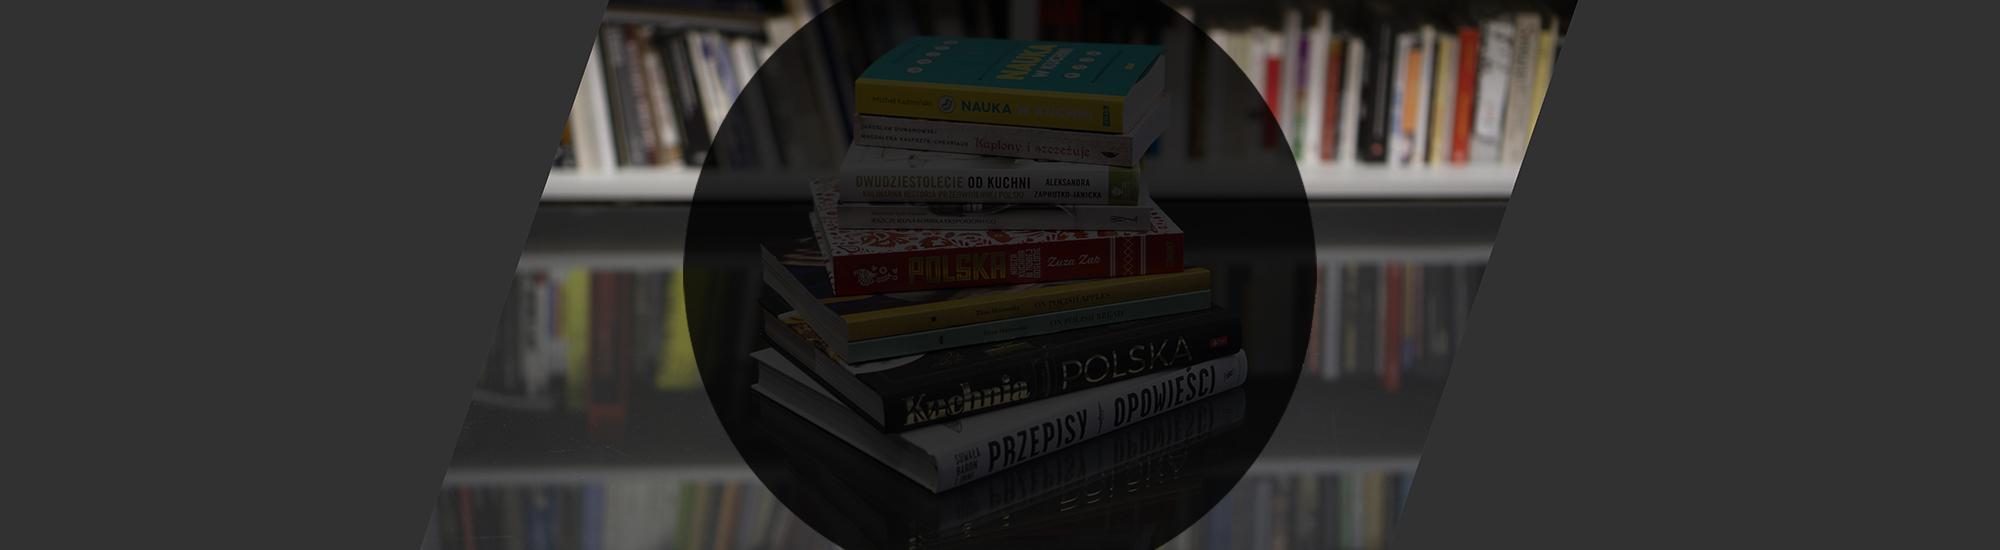 Сучасна гастрономічна література Польщі